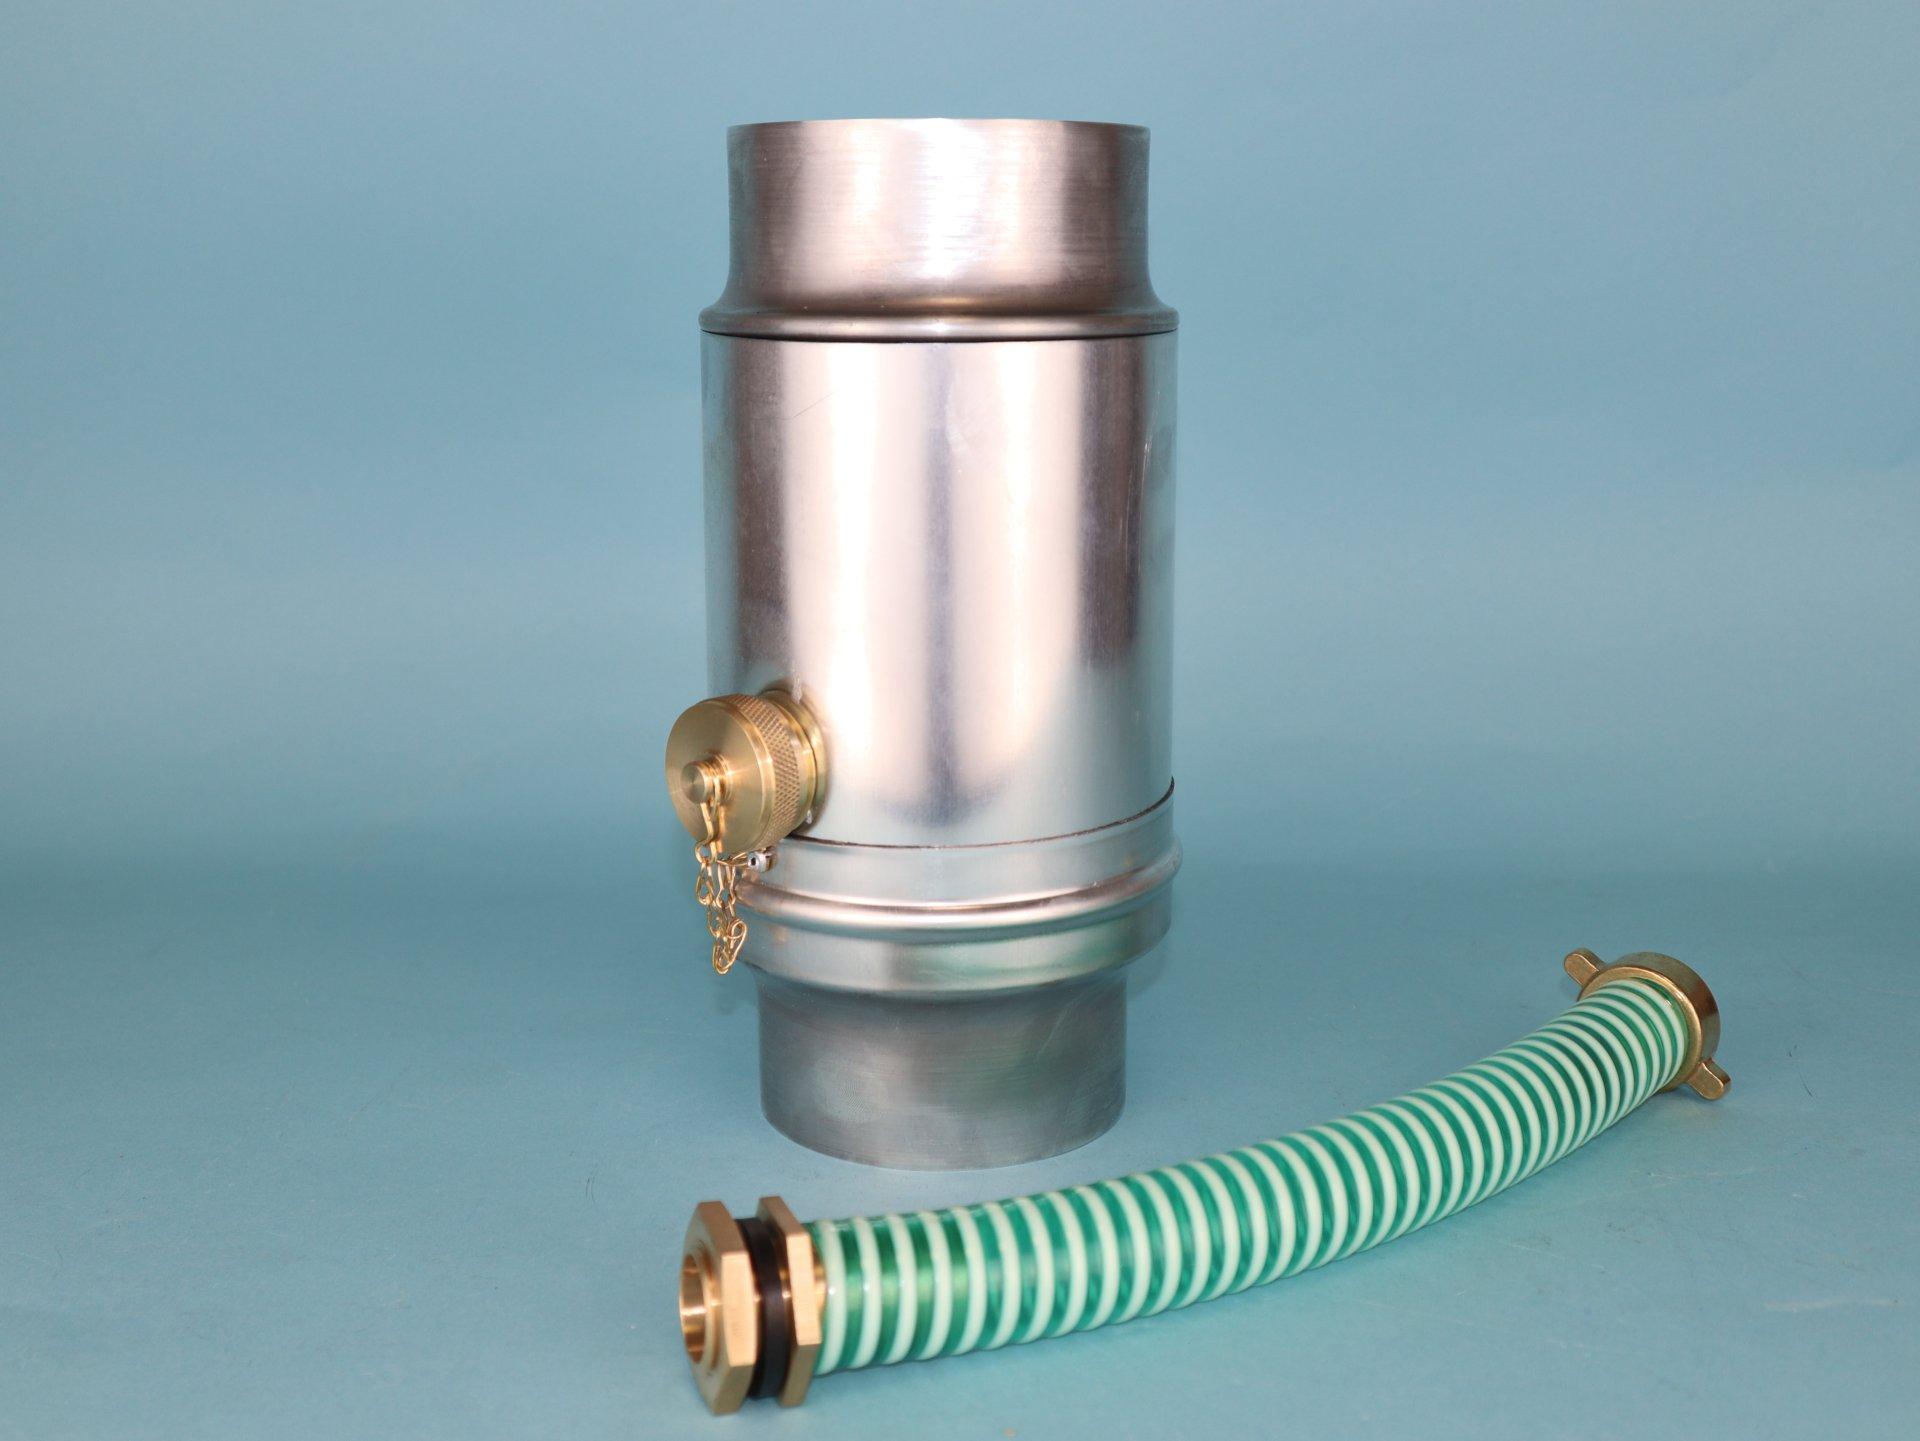 Jumbo - Regenwassersammler inkl. Schlauchanschluss-Set und Verschlusskappe